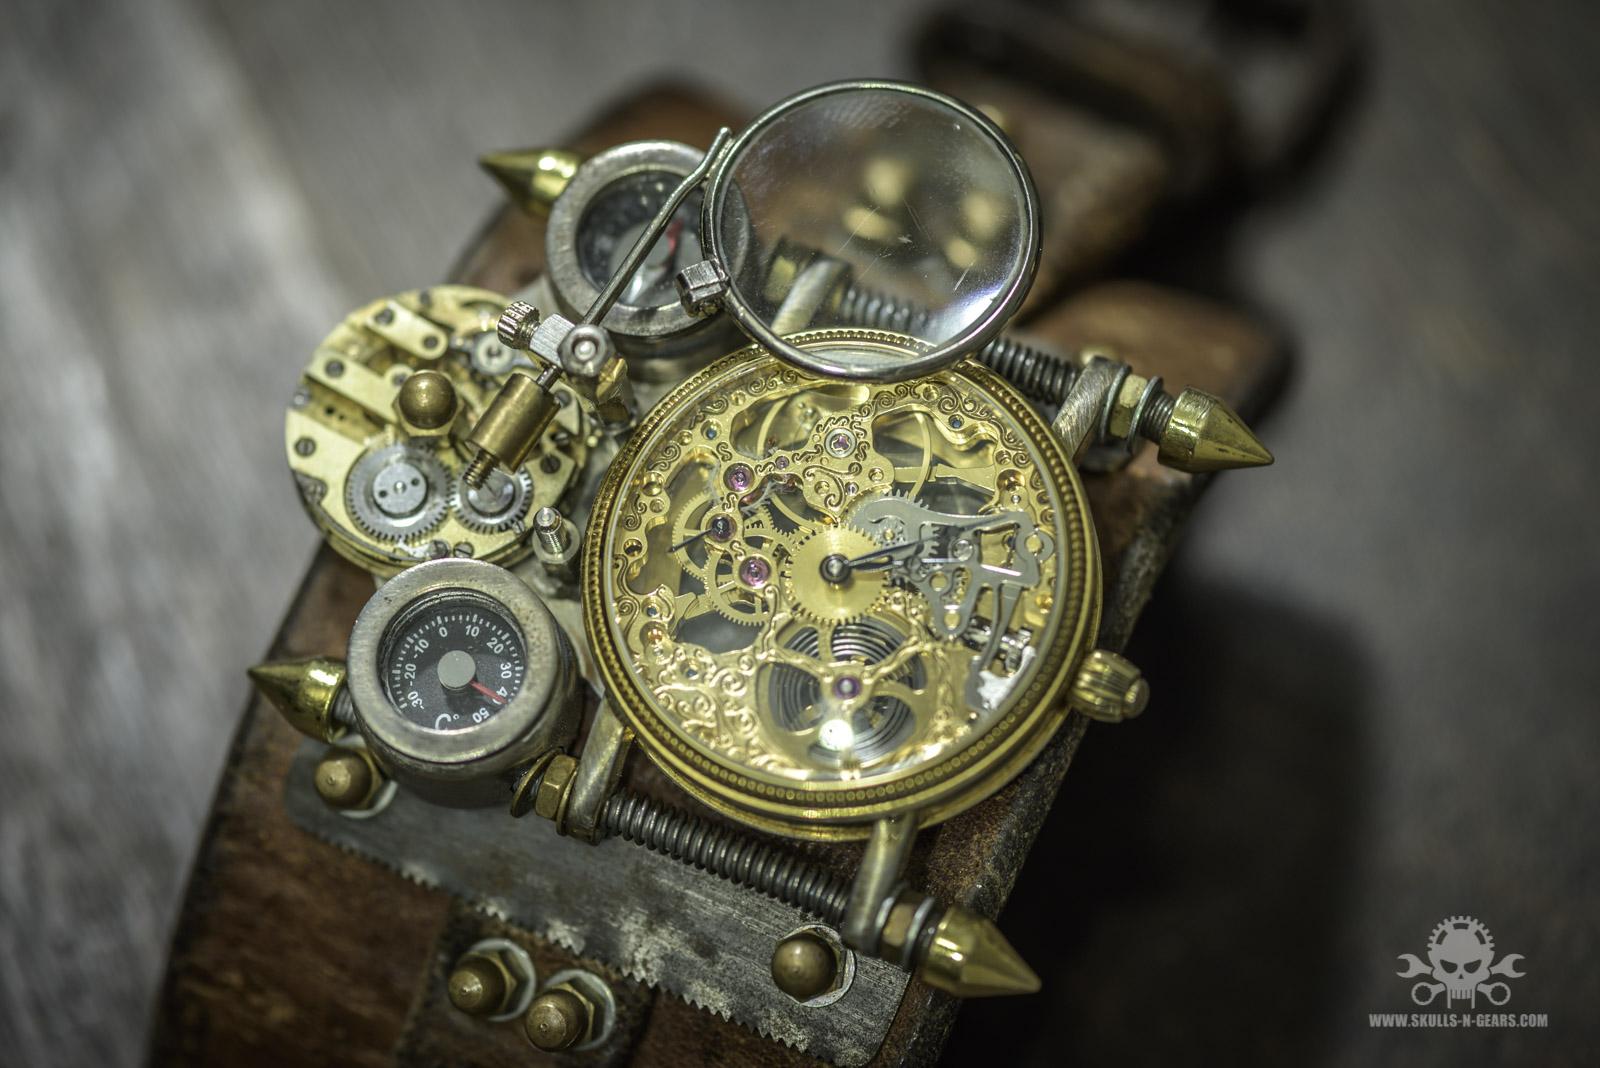 Steampunk Uhr [010030014] -26